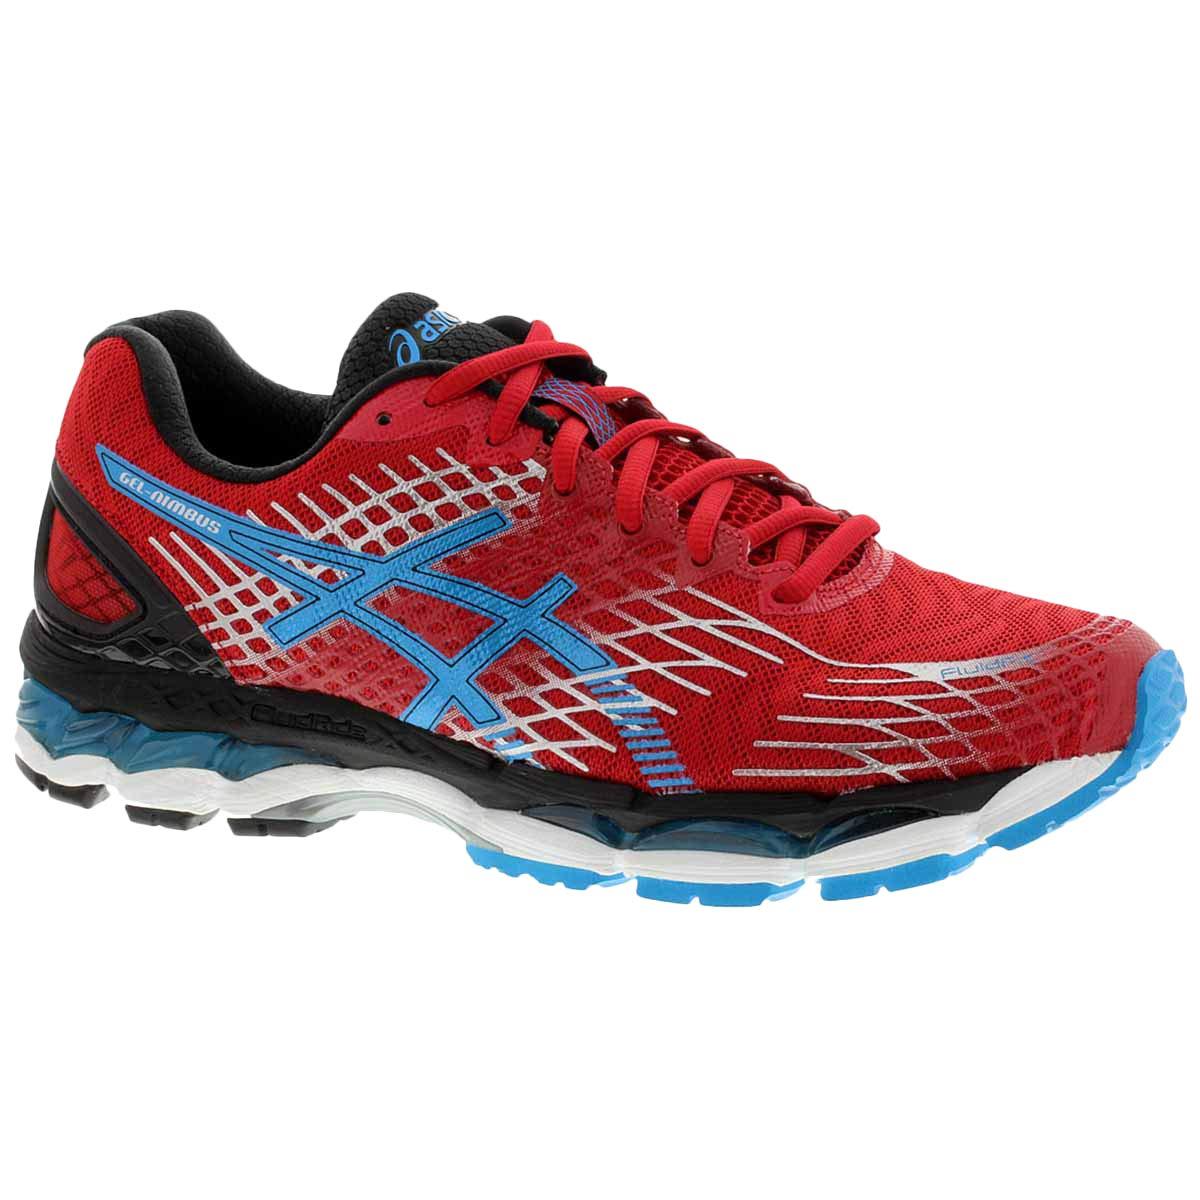 belleza mejor valor precio competitivo Asics Gel-Nimbus 17 Running Shoes for Men price in UAE | Amazon.ae ...